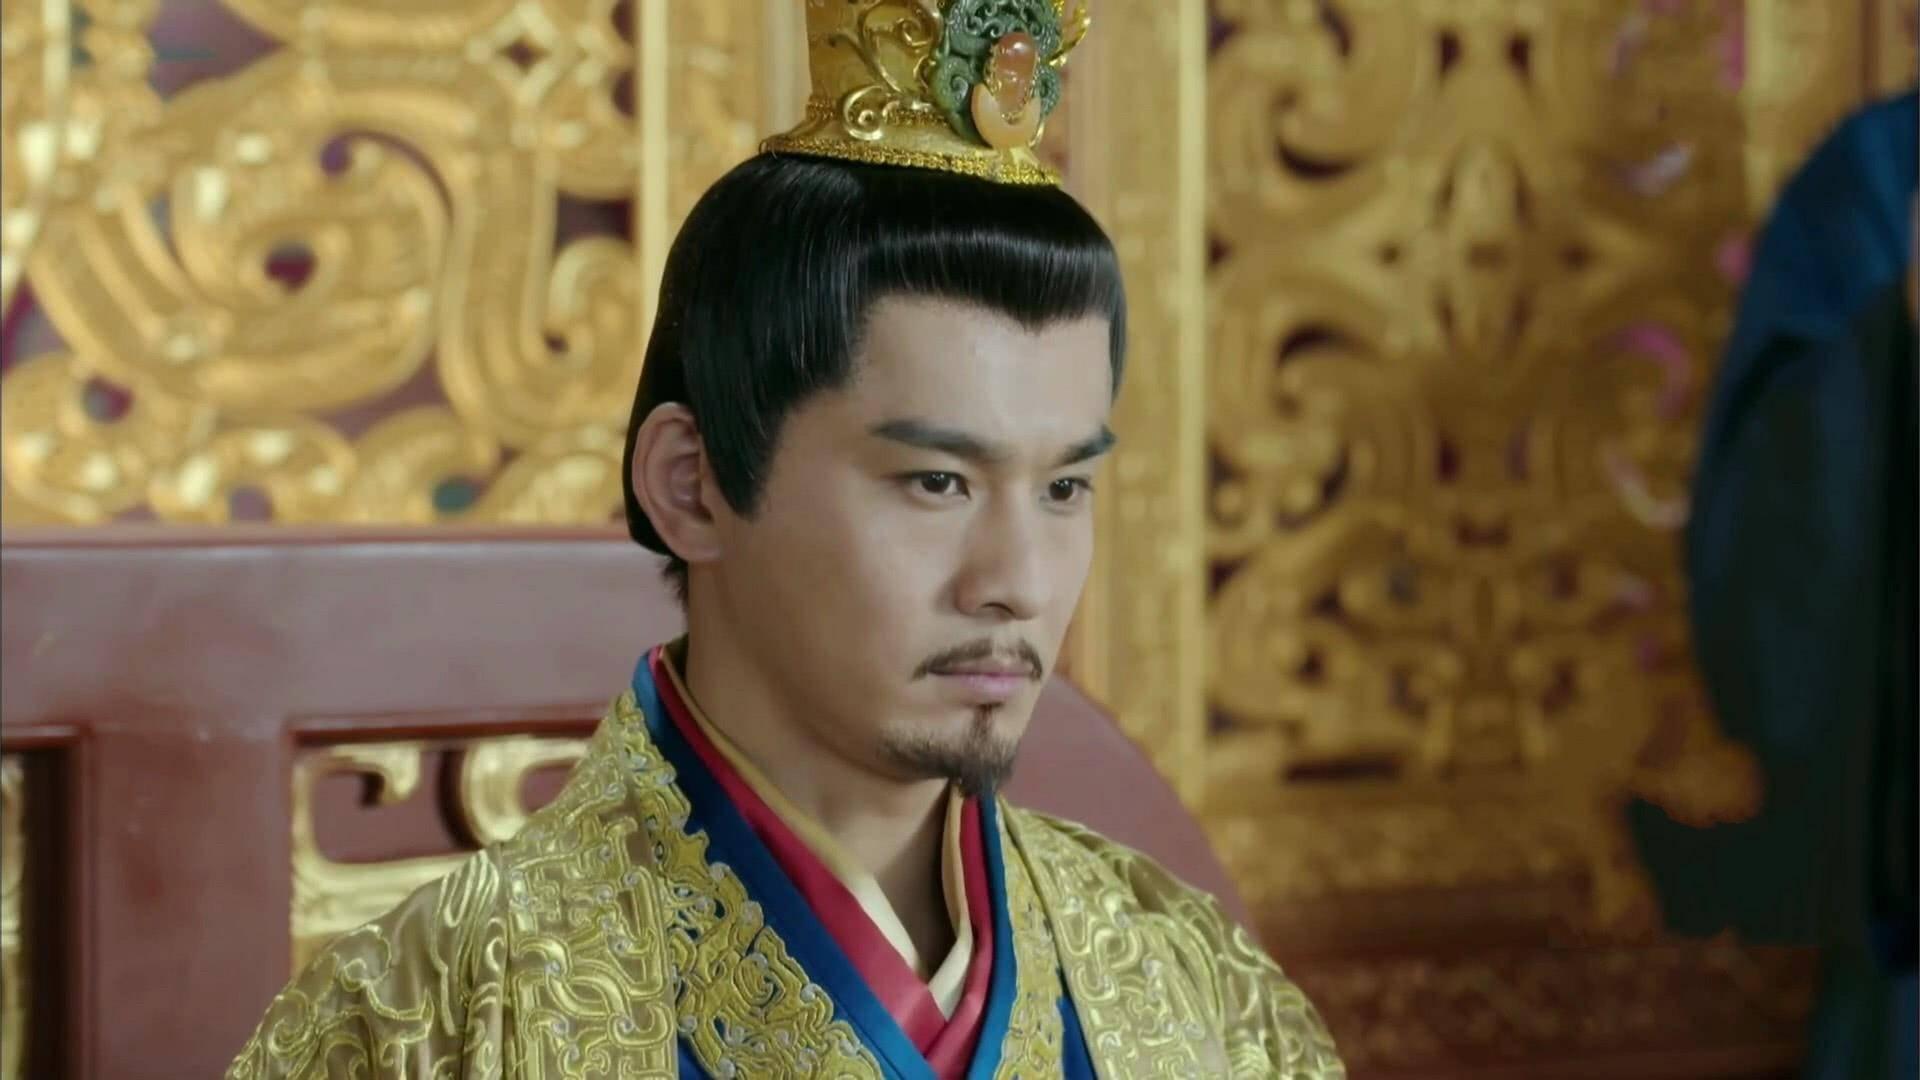 周武王不仅是君主,还是位诗人,他写得好不好看罢